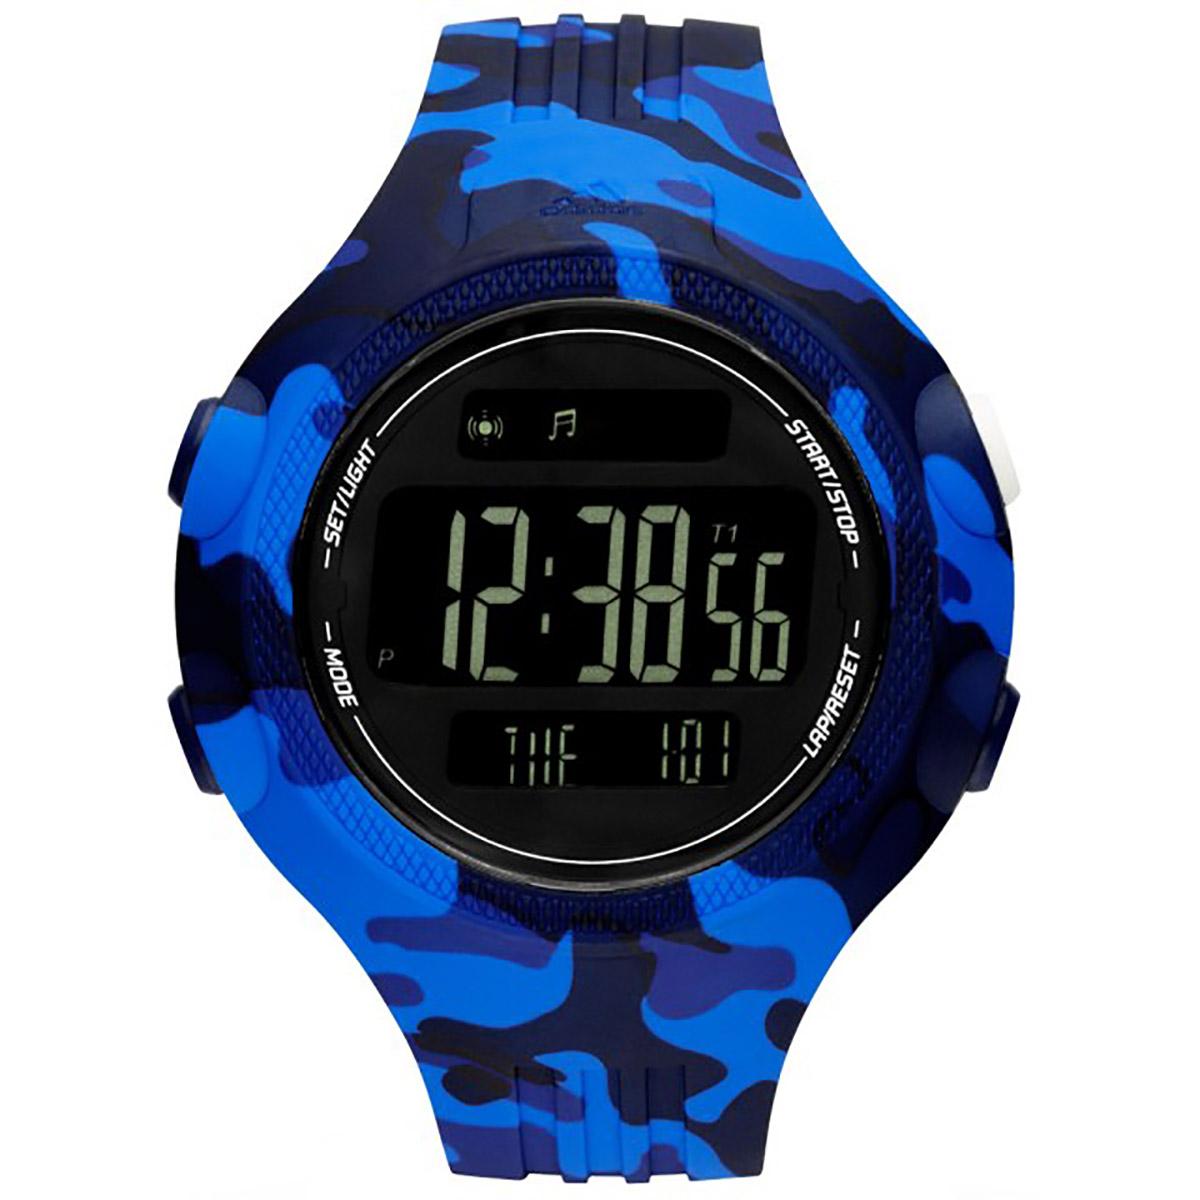 นาฬิกาผู้ชาย Adidas รุ่น ADP3224